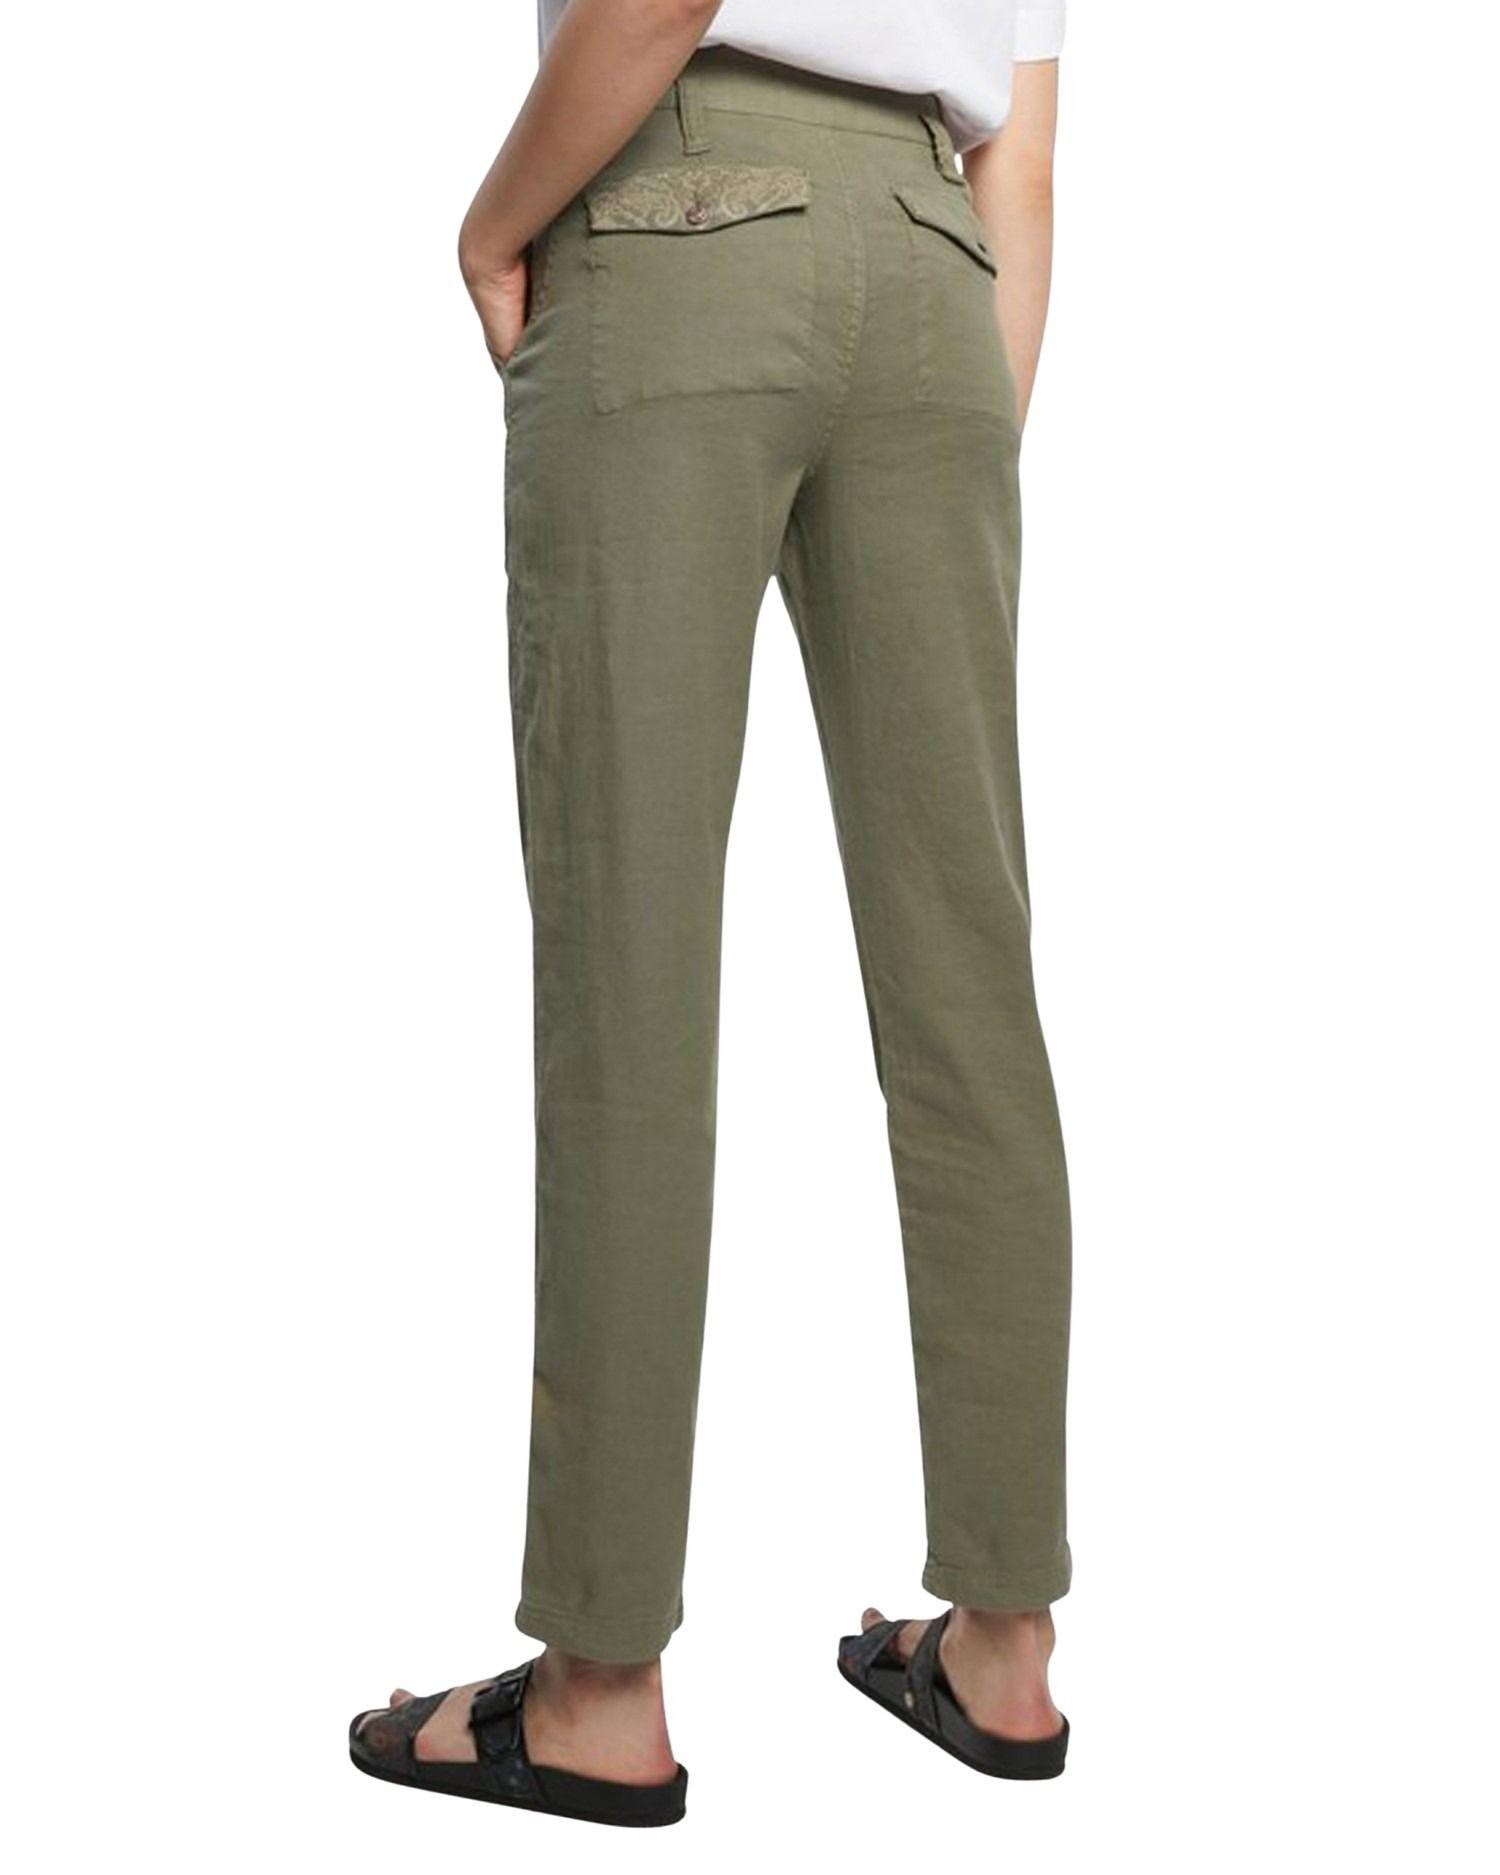 DESIGUAL Cottons DESIGUAL WOMEN'S GREEN COTTON PANTS